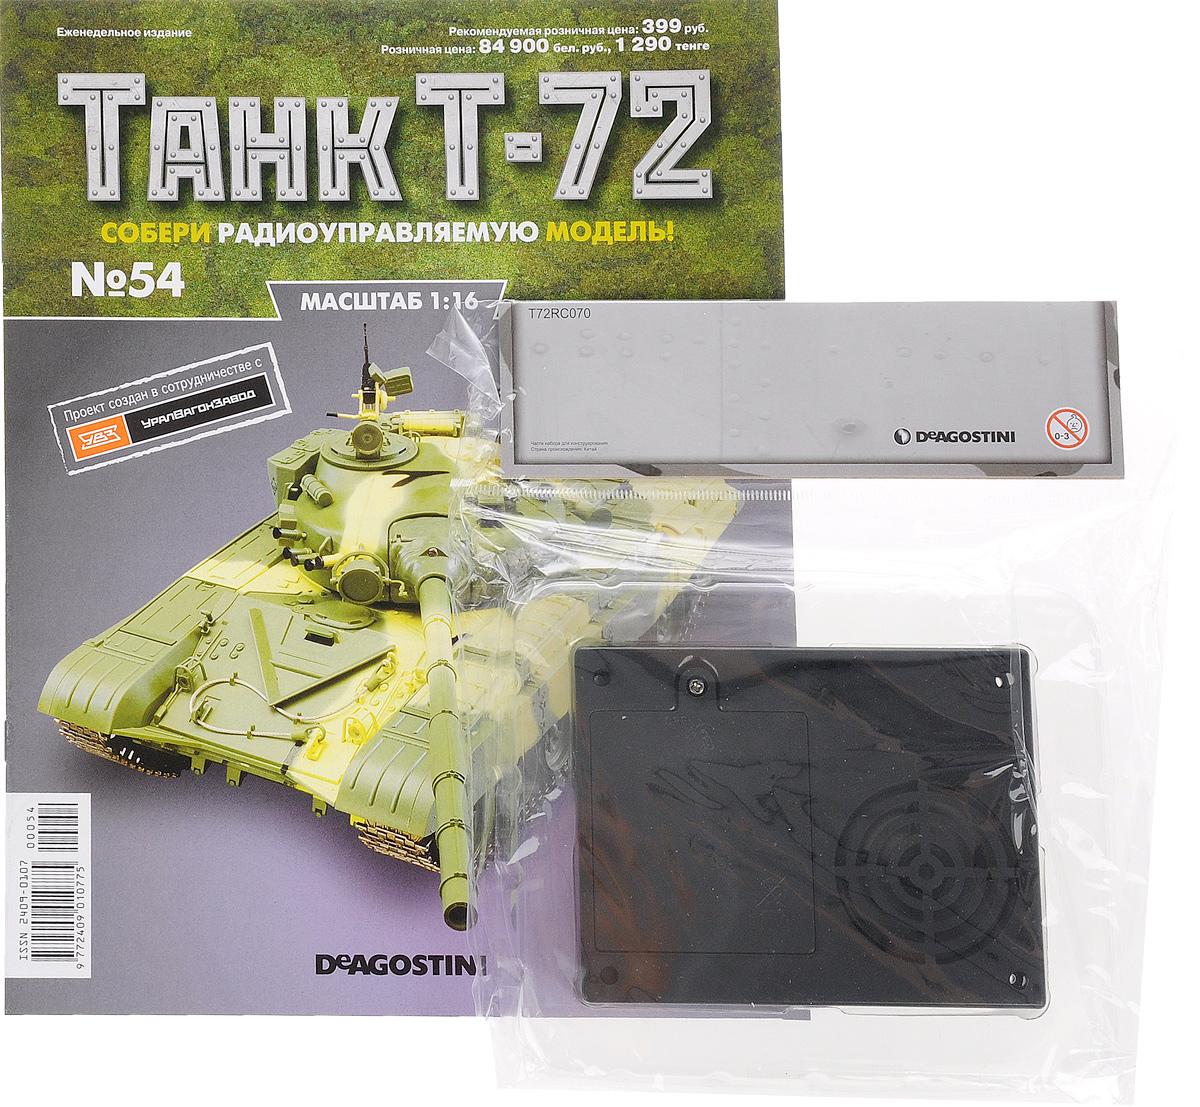 Журнал Танк Т-72 №54TRC054Перед вами - журнал из уникальной серии партворков Танк Т-72 с увлекательной информацией о легендарных боевых машинах и элементами для сборки копии танка Т-72 в уменьшенном варианте 1:16. У вас есть возможность собственноручно создать высококачественную модель этого знаменитого танка с достоверным воспроизведением всех элементов, сохранением функций подлинной боевой машины и дистанционным управлением. В комплекте: 1. Динамик мишени Категория 16+.